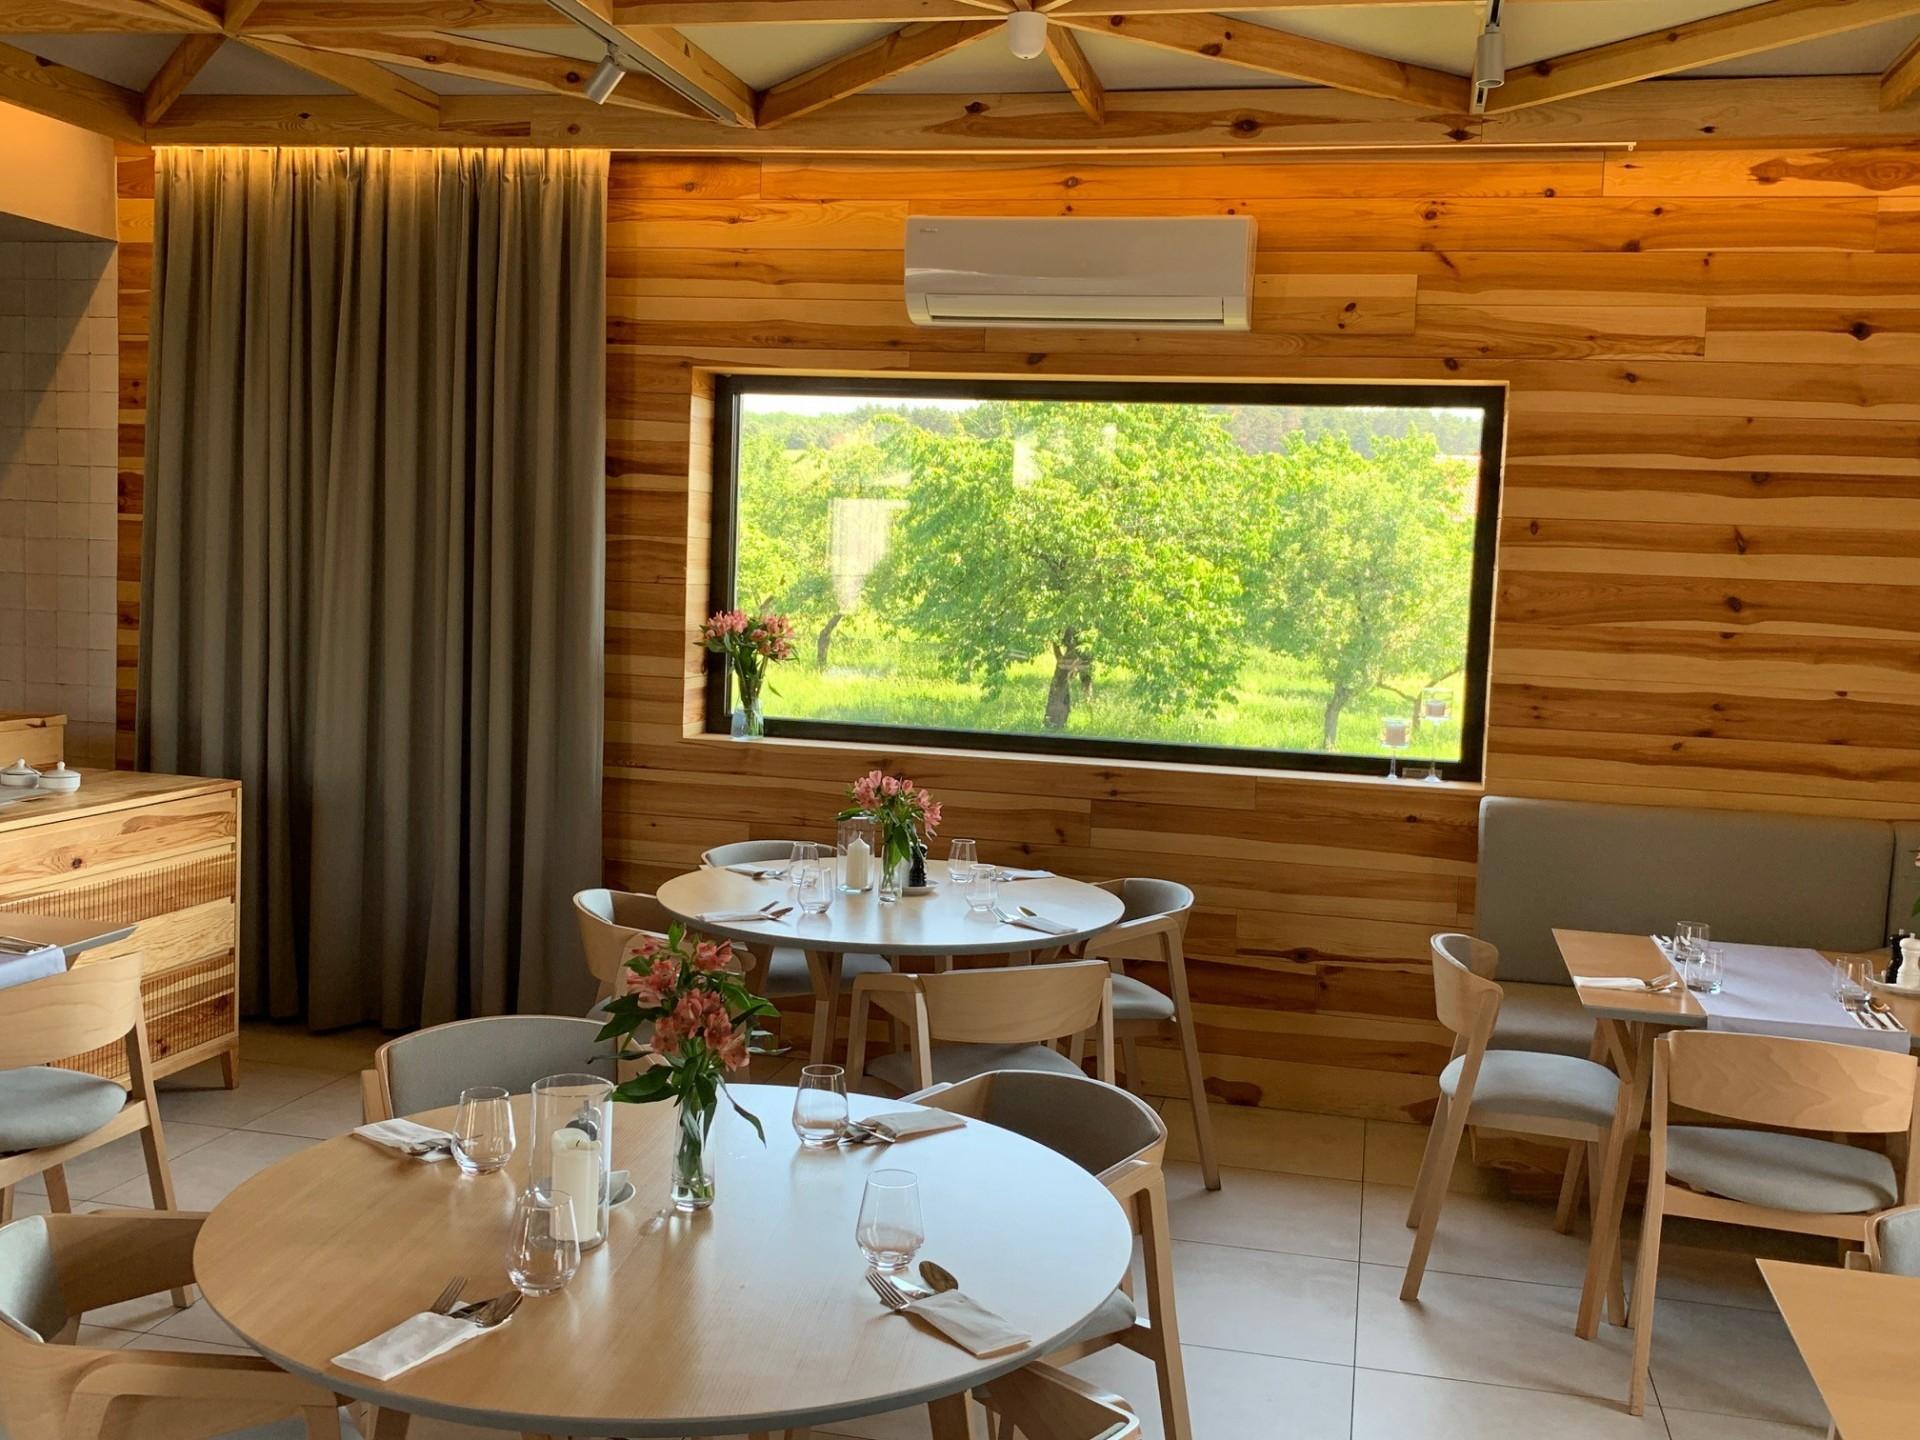 Nova Kuchnia Suchy Las Gdziezjesc Info Restauracja Suchy Las Suchy Las